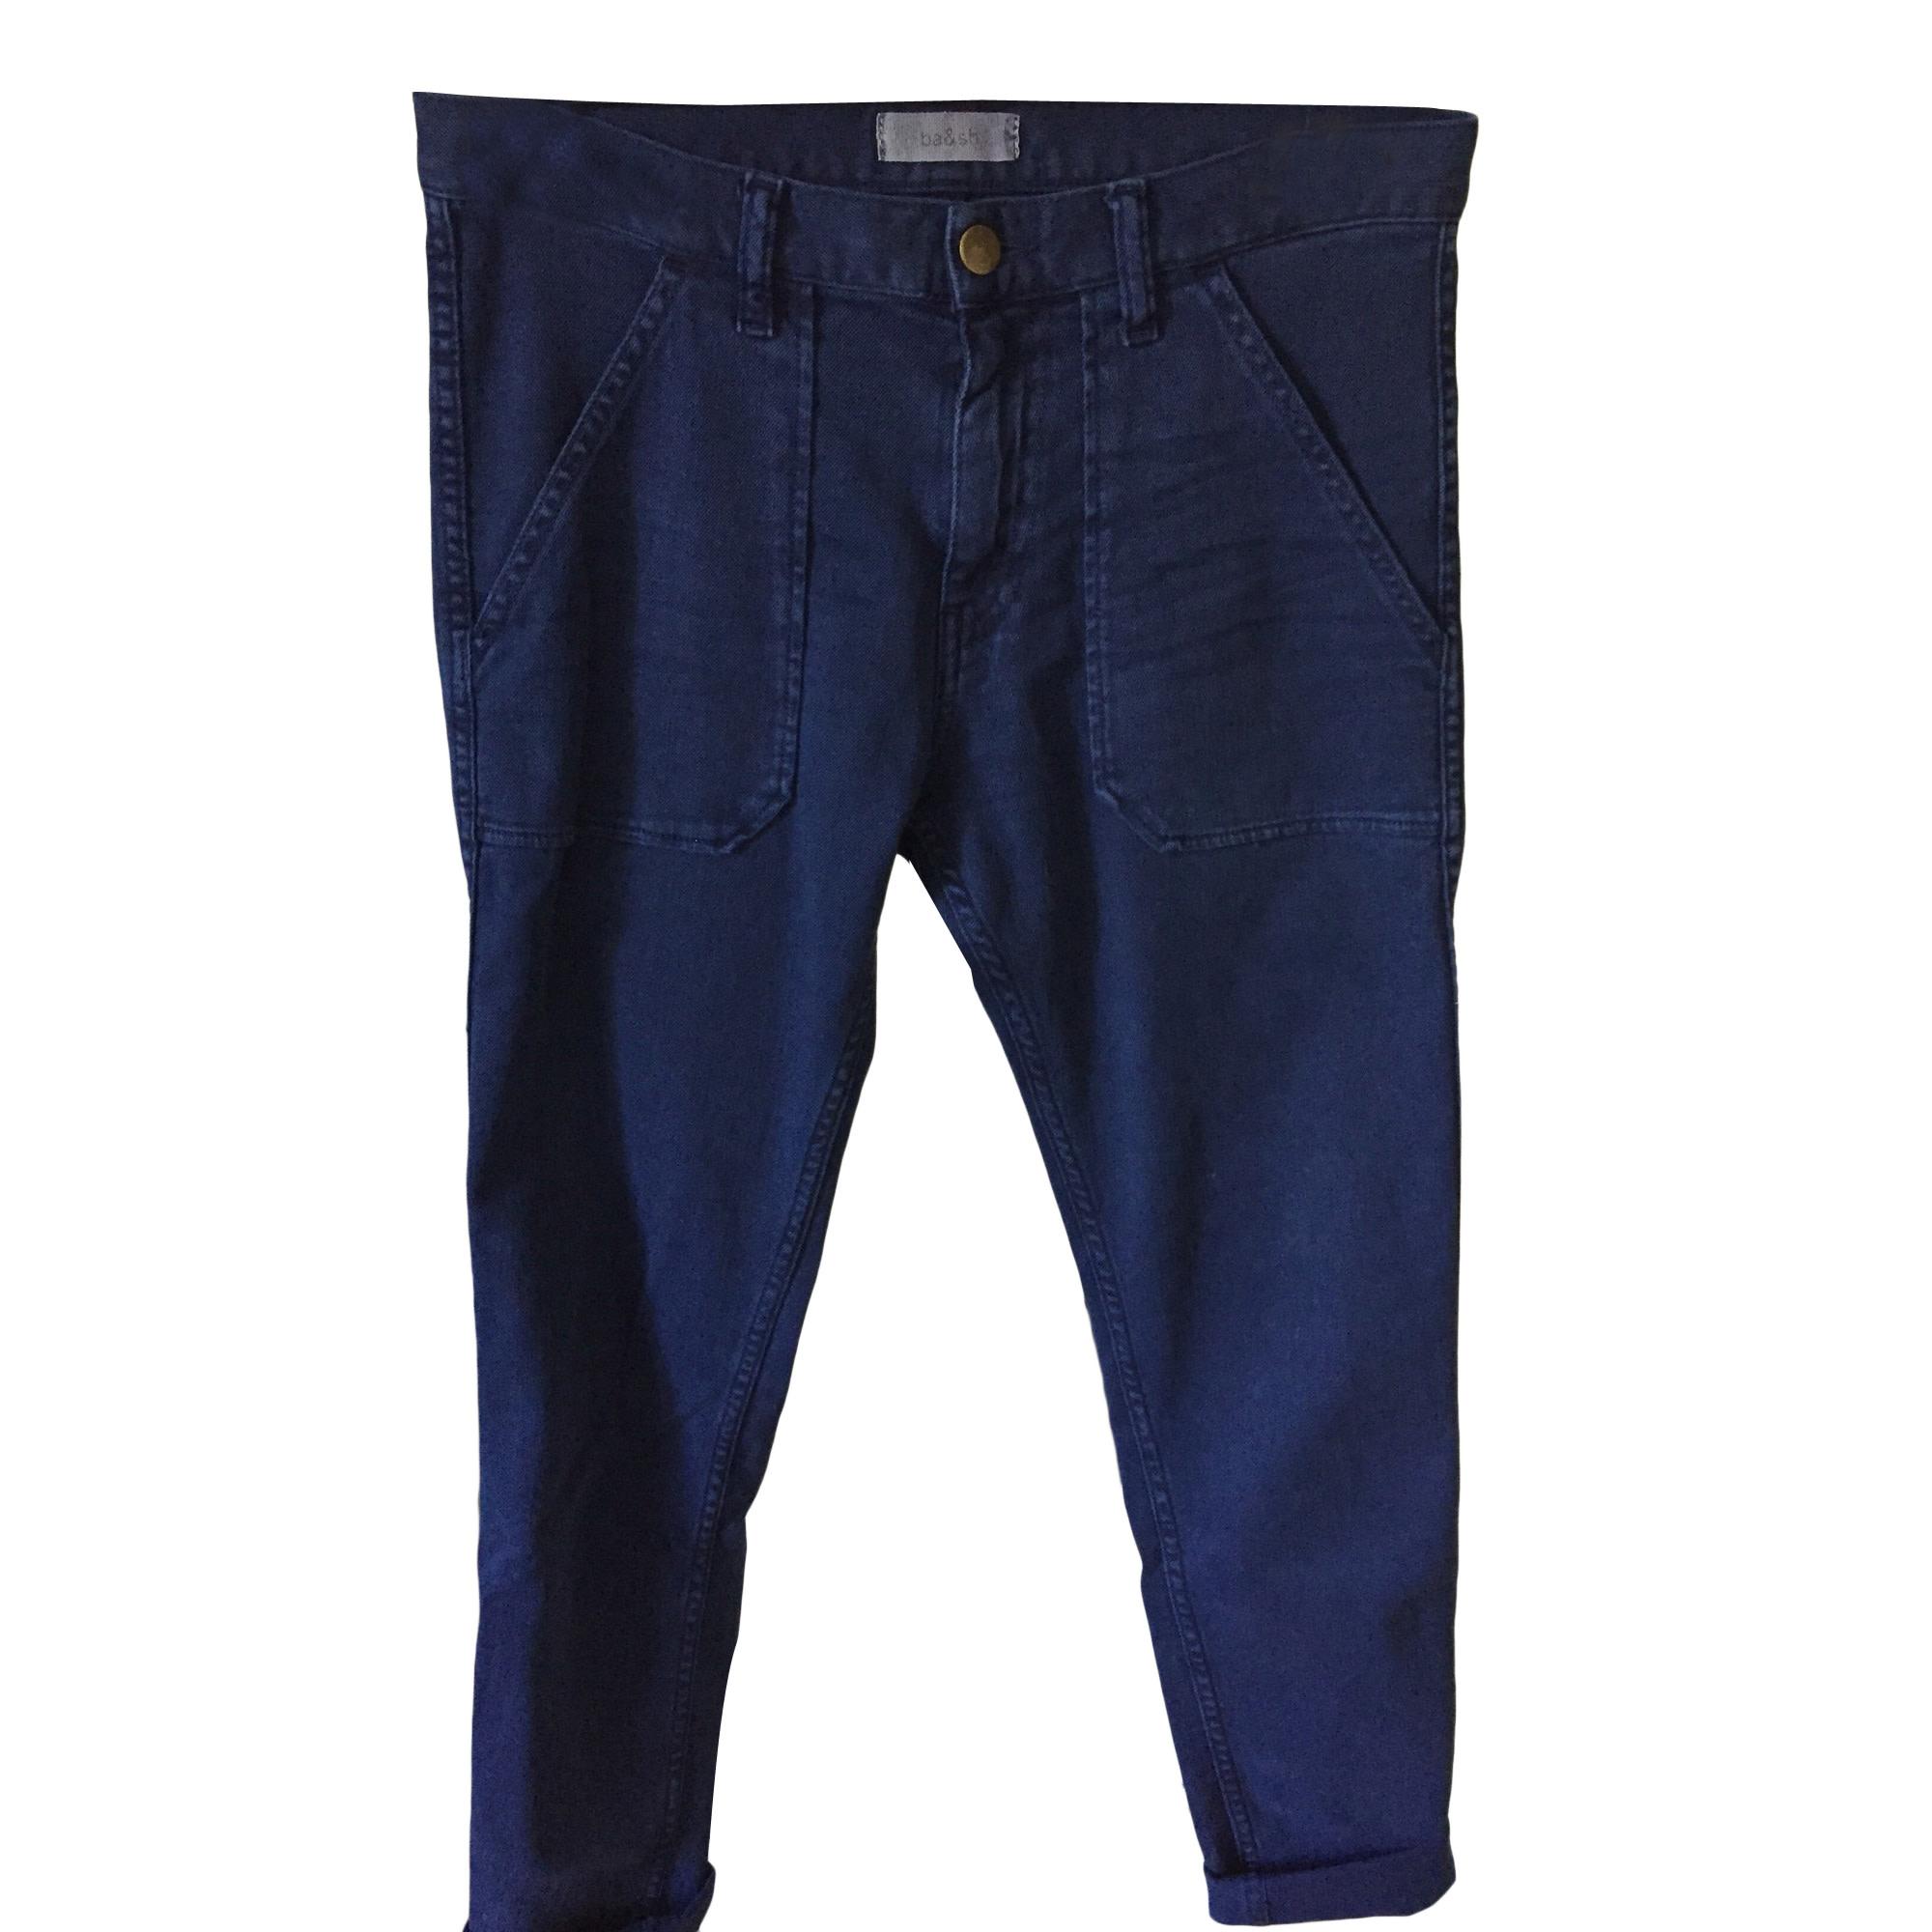 Straight-Cut Jeans  BA&SH Blau, marineblau, türkisblau